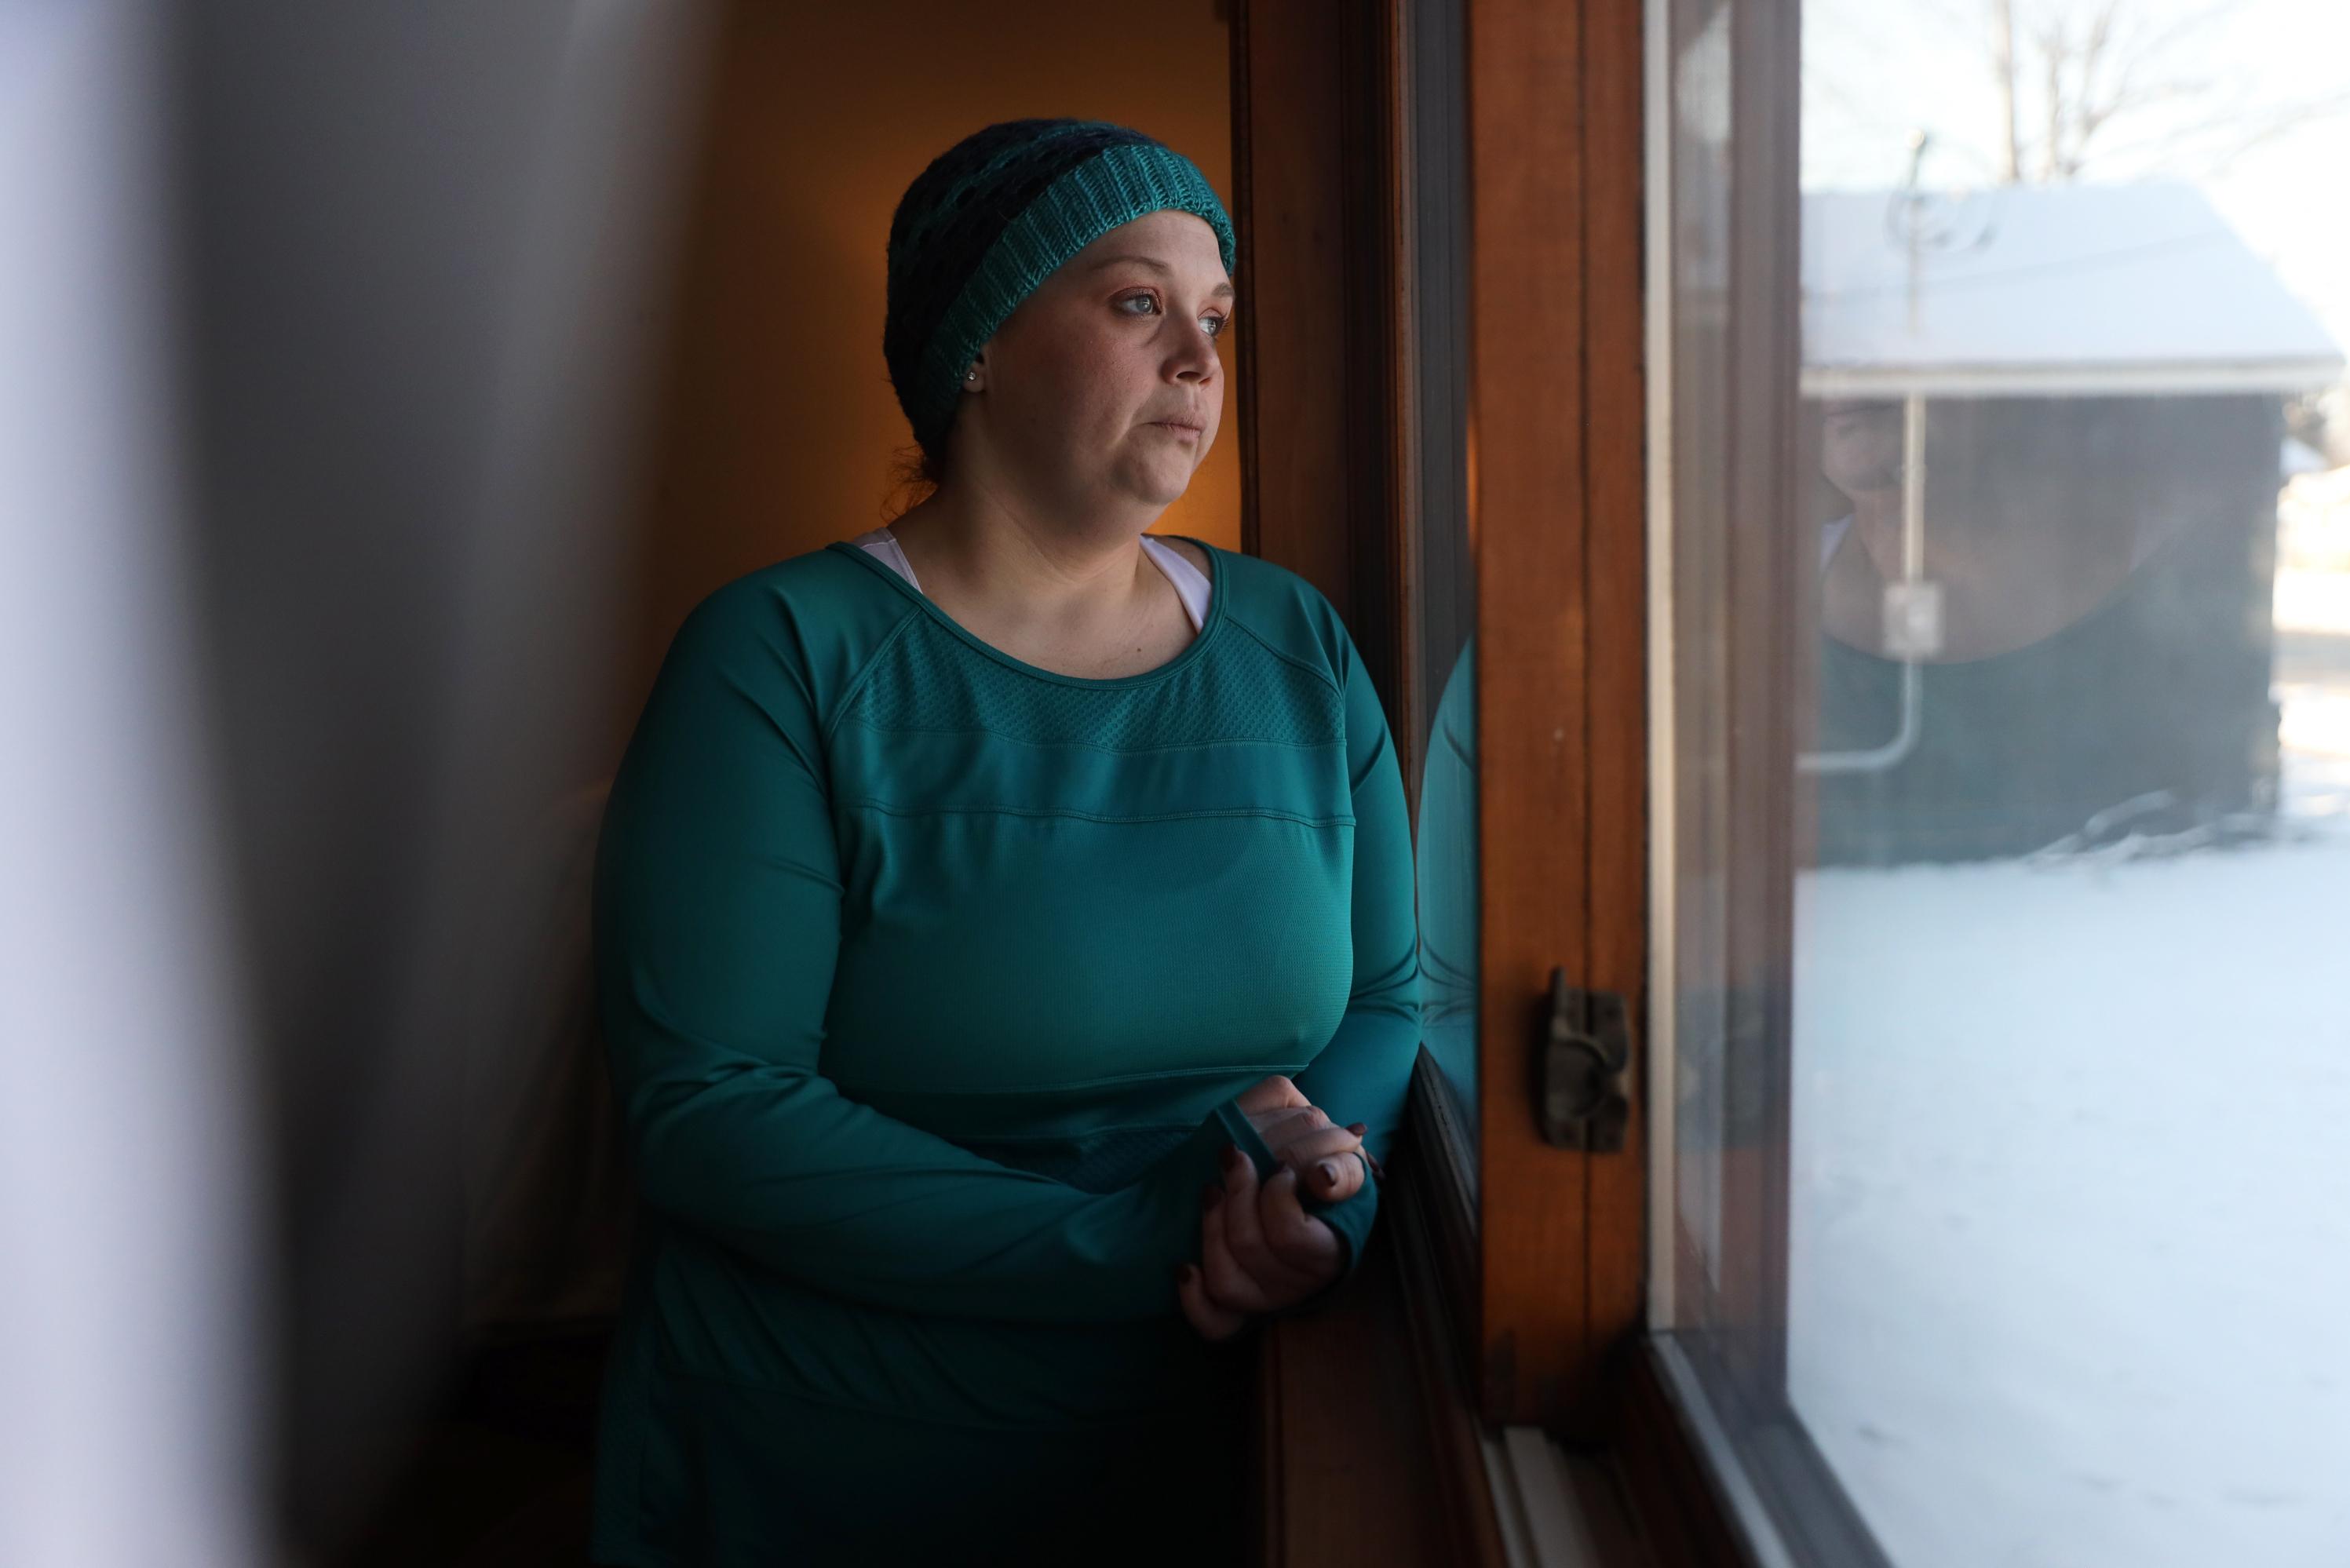 Stoflet afirma que las drogas la ayudaron a recuperarse de su adicción a los opiáceos.